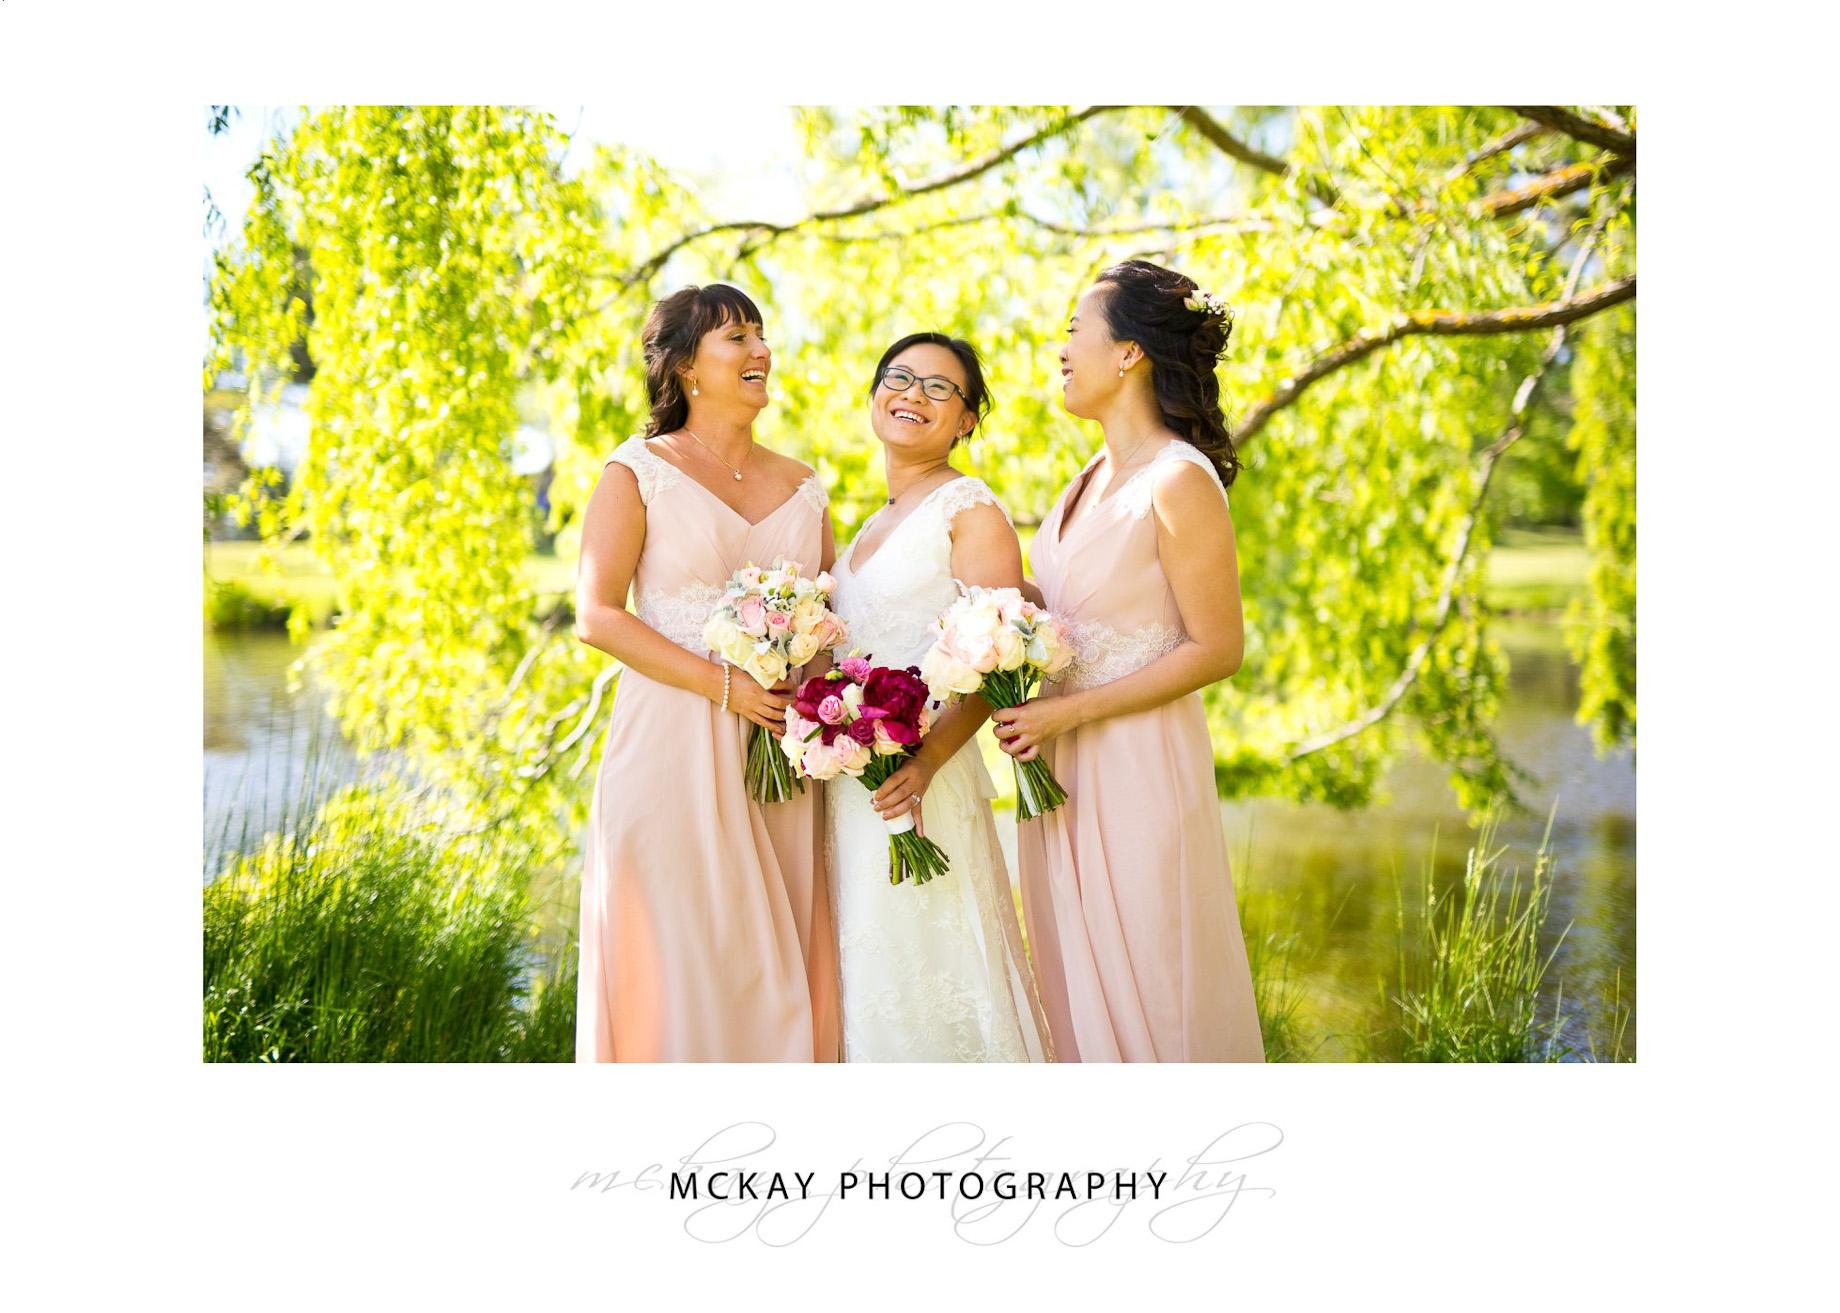 Louisa & bridemaids near willow tree and lake at Briars